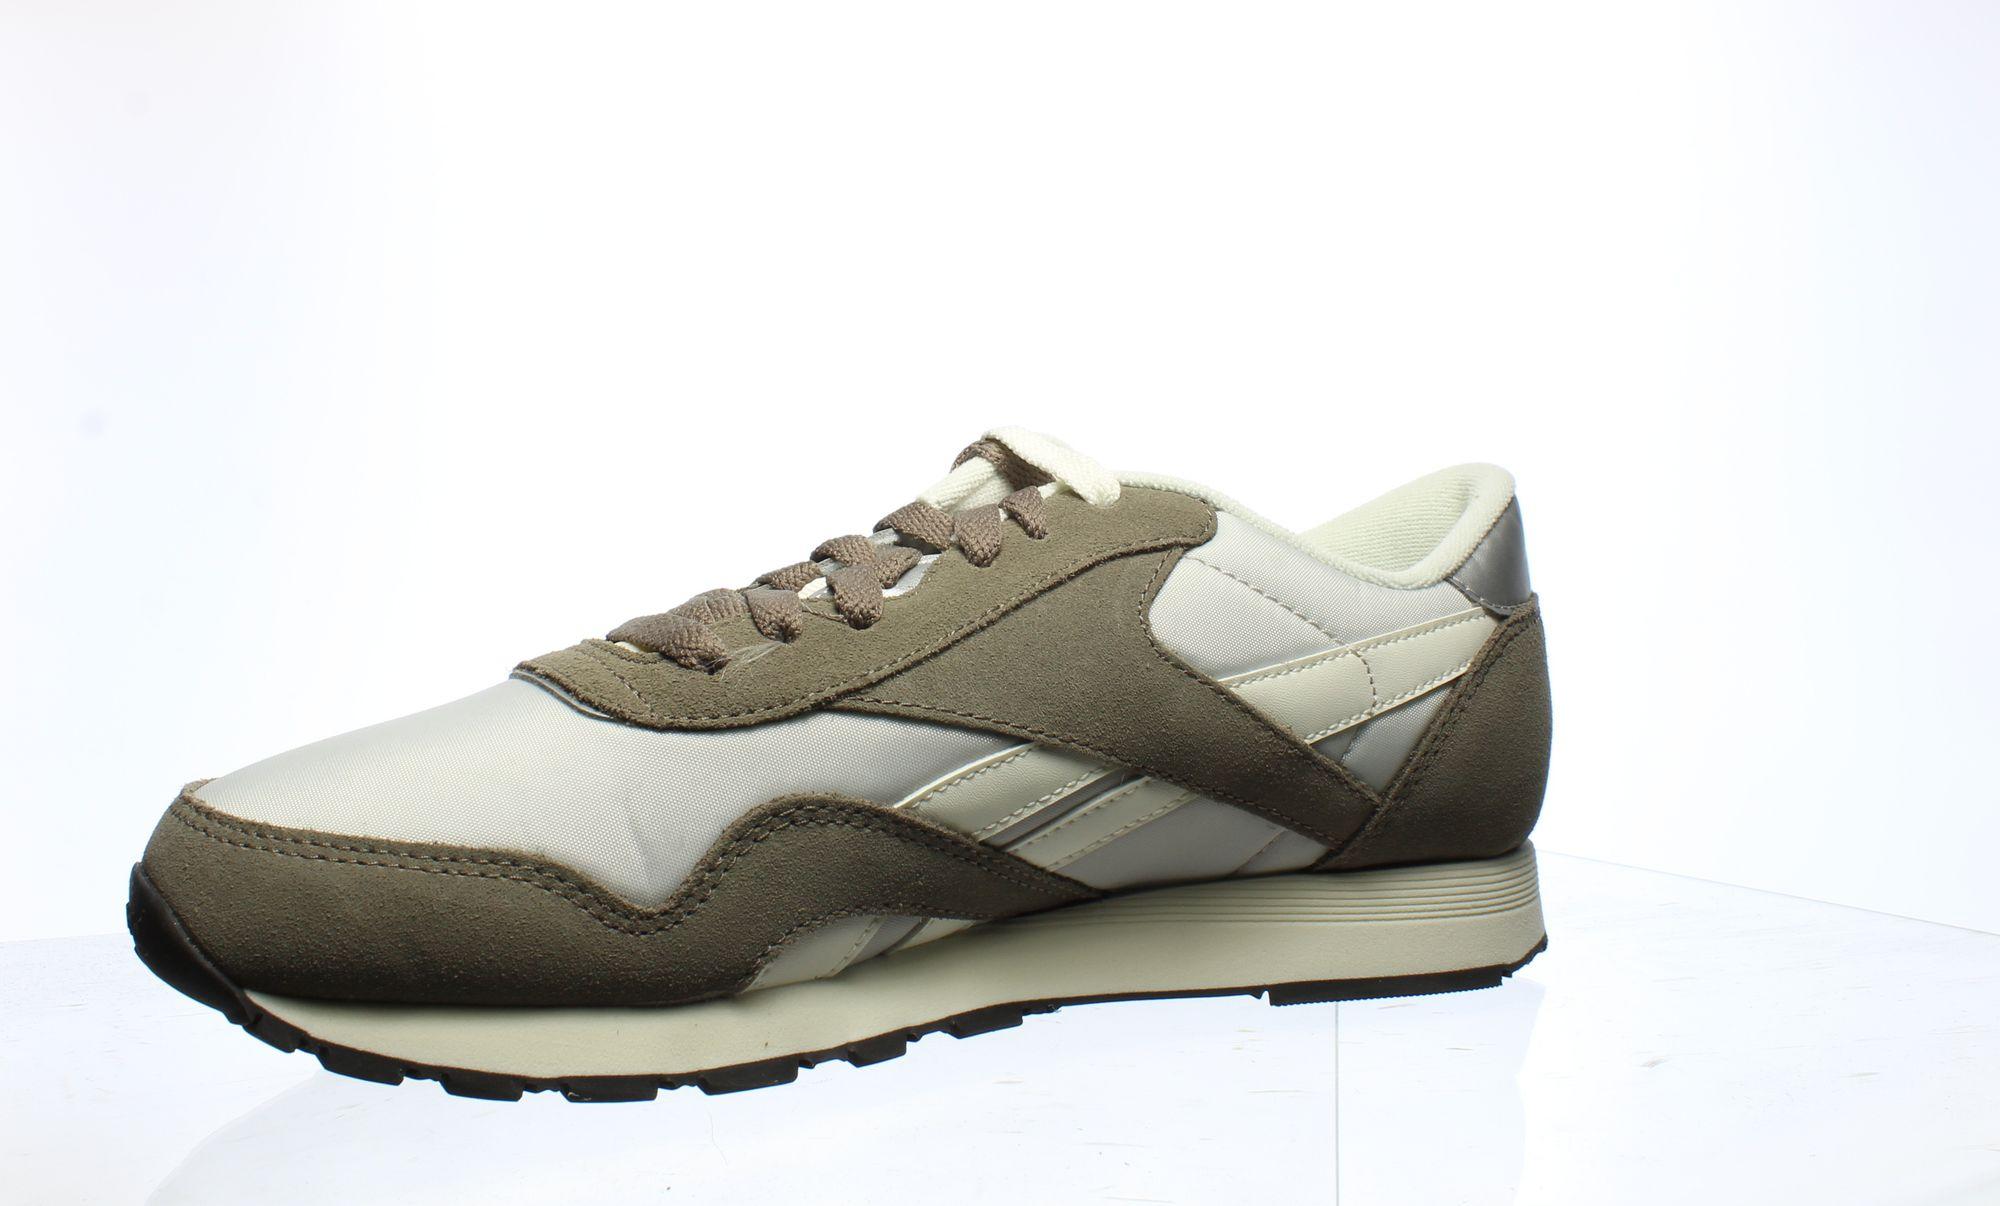 Reebok-Mens-Cl-Nylon-Fashion-Sneakers thumbnail 43